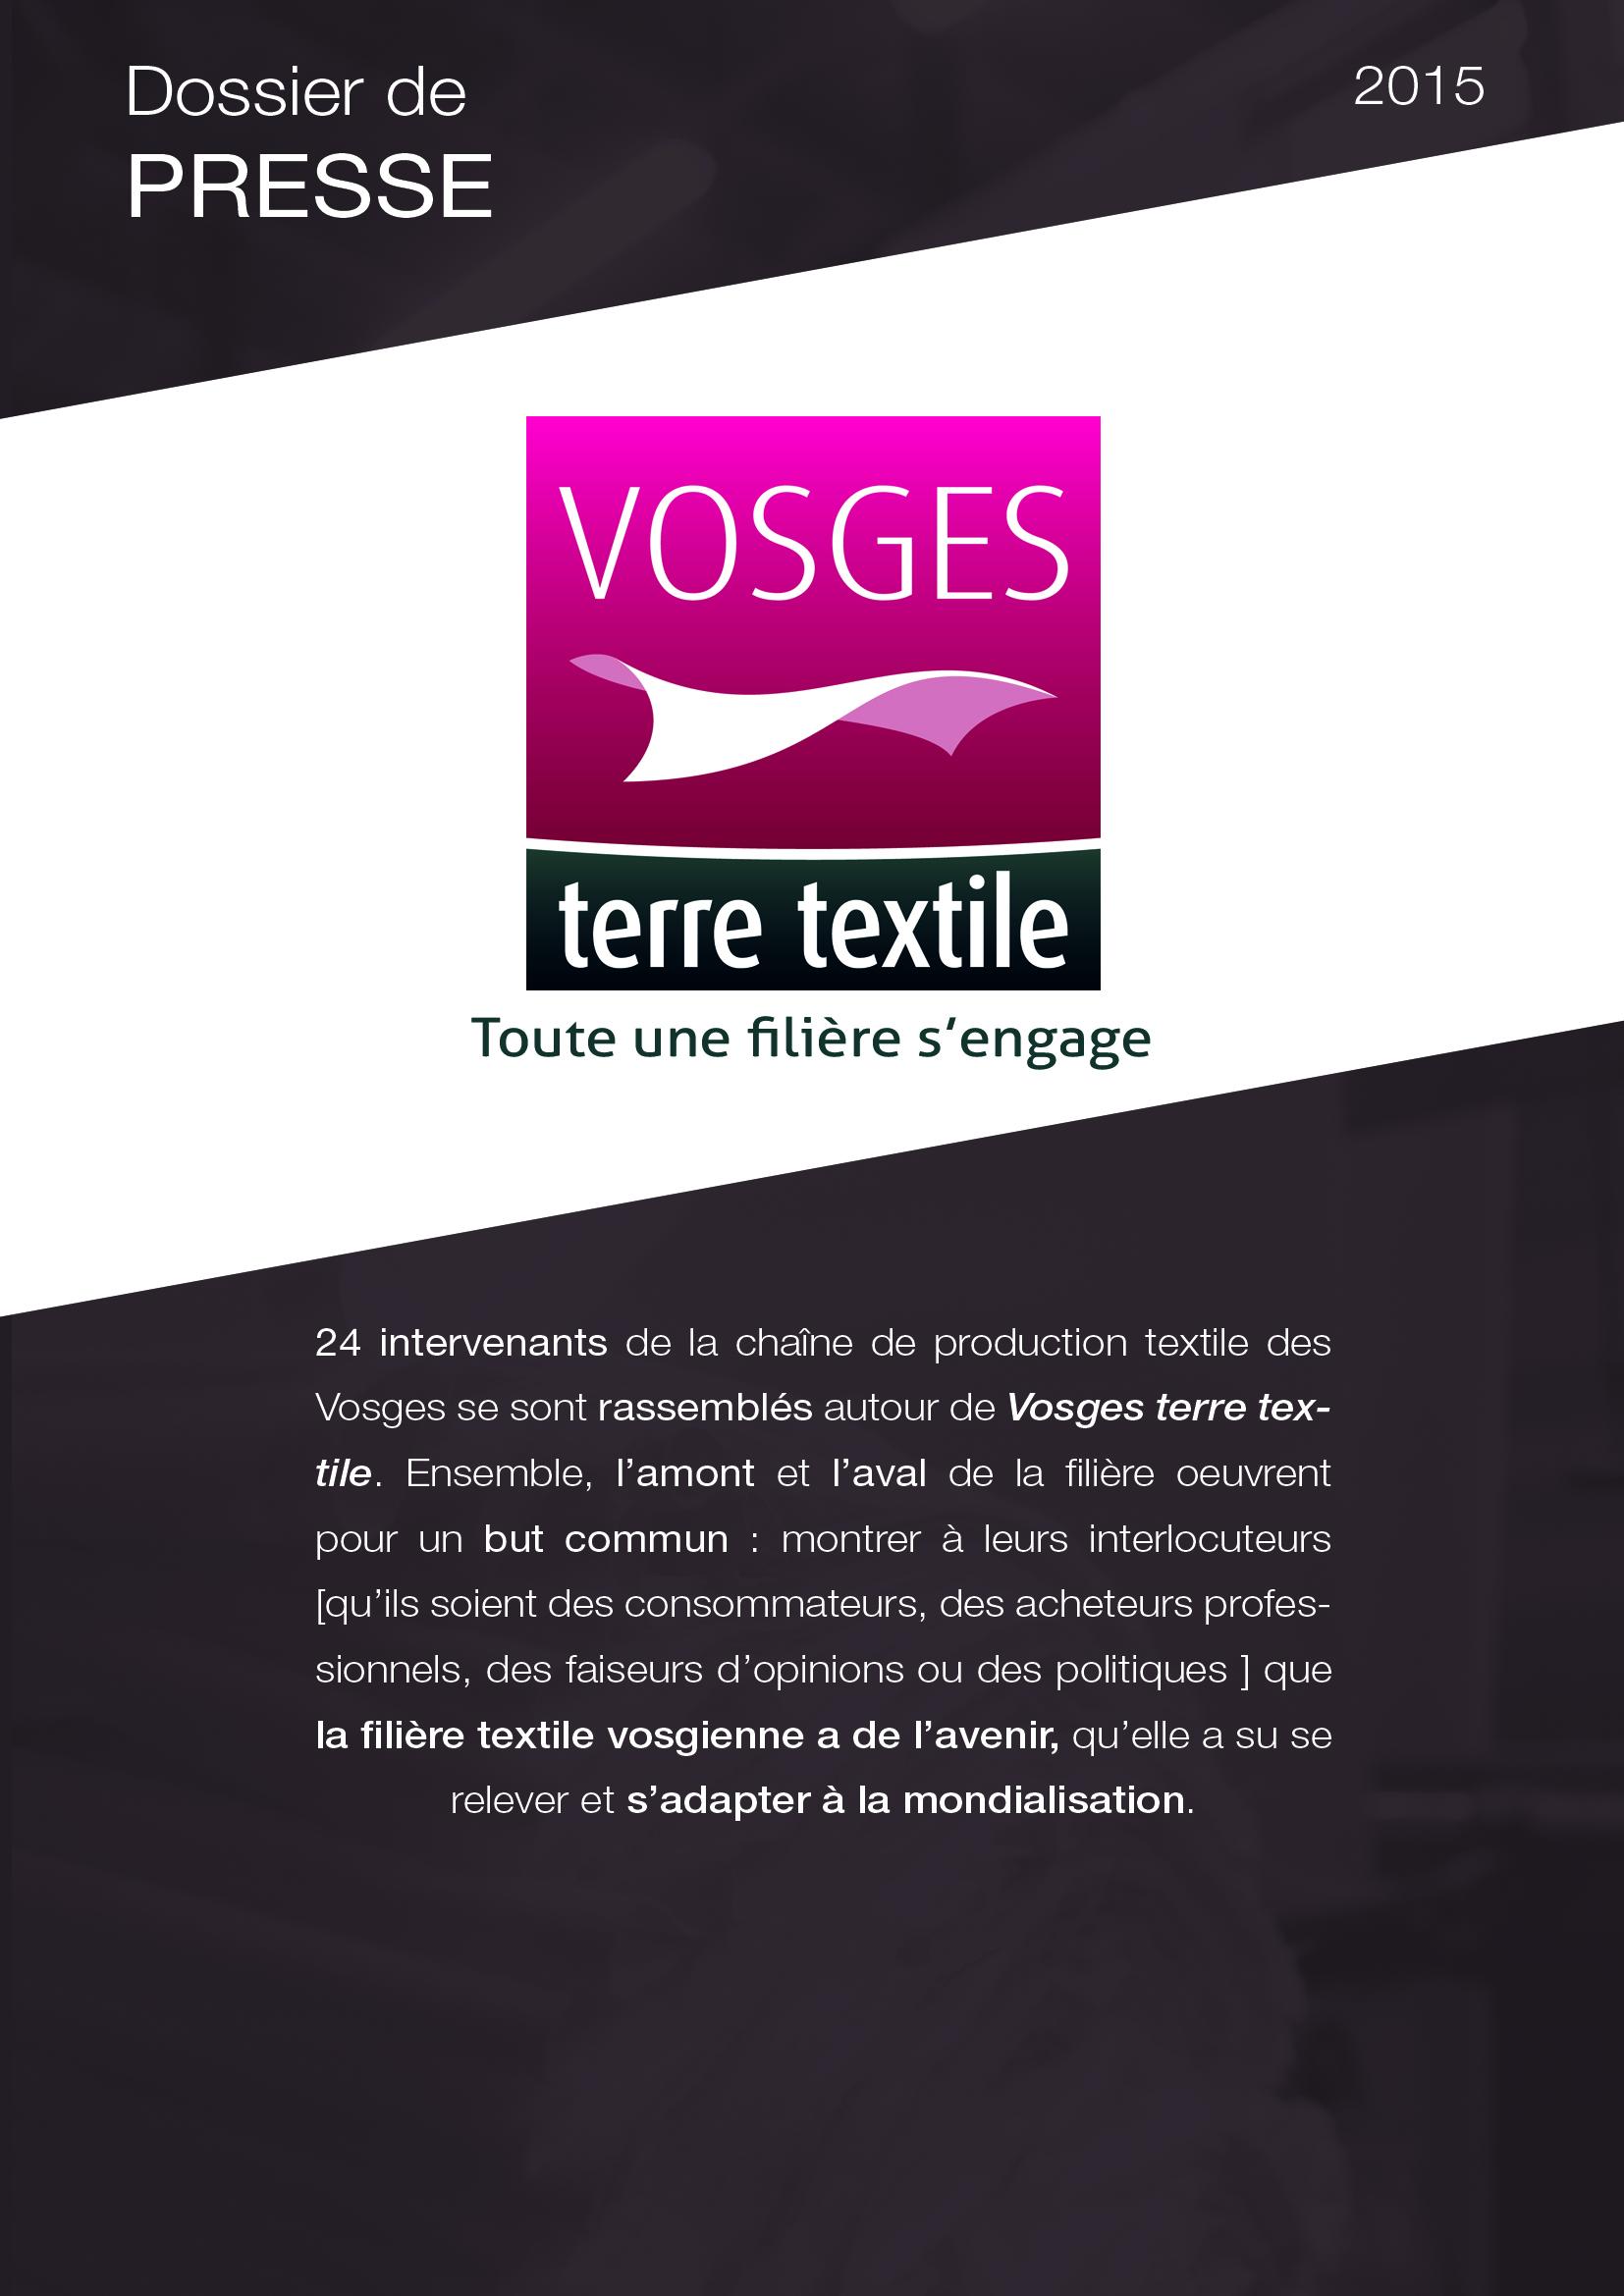 Le label Vosges terre textile mobilise 1000 salariés